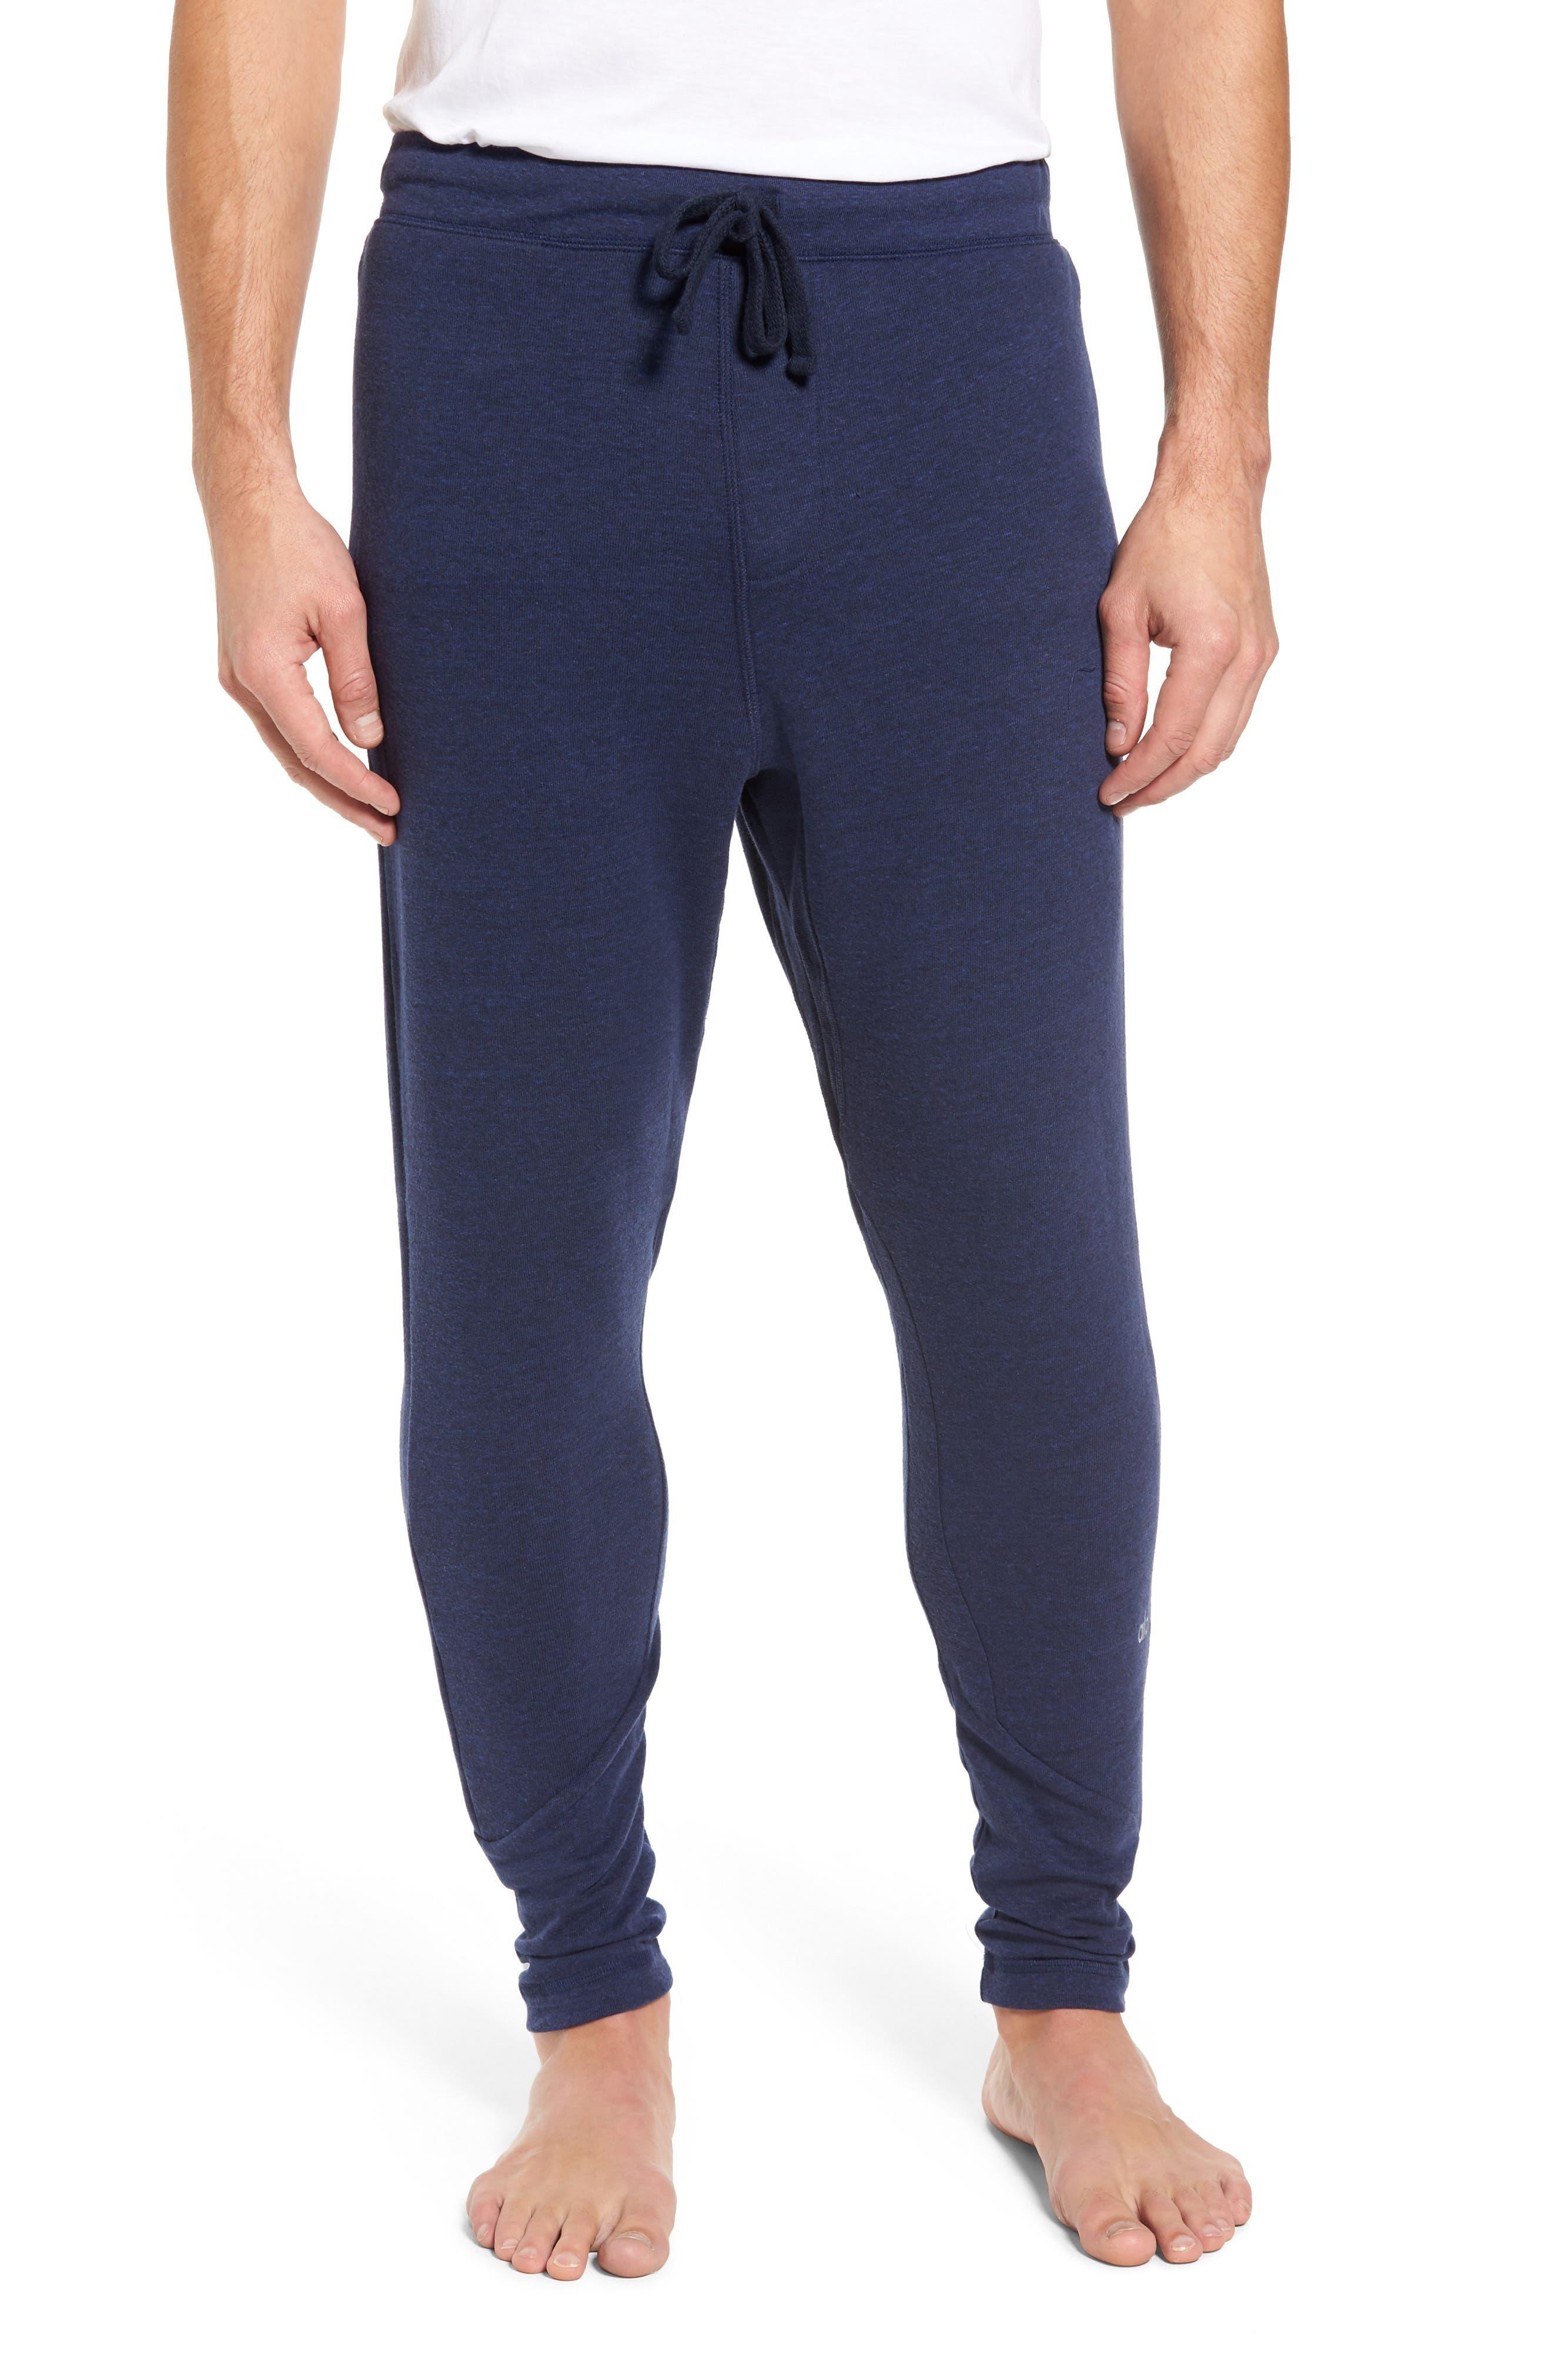 Alo Zealous Slim Fit Sweatpants